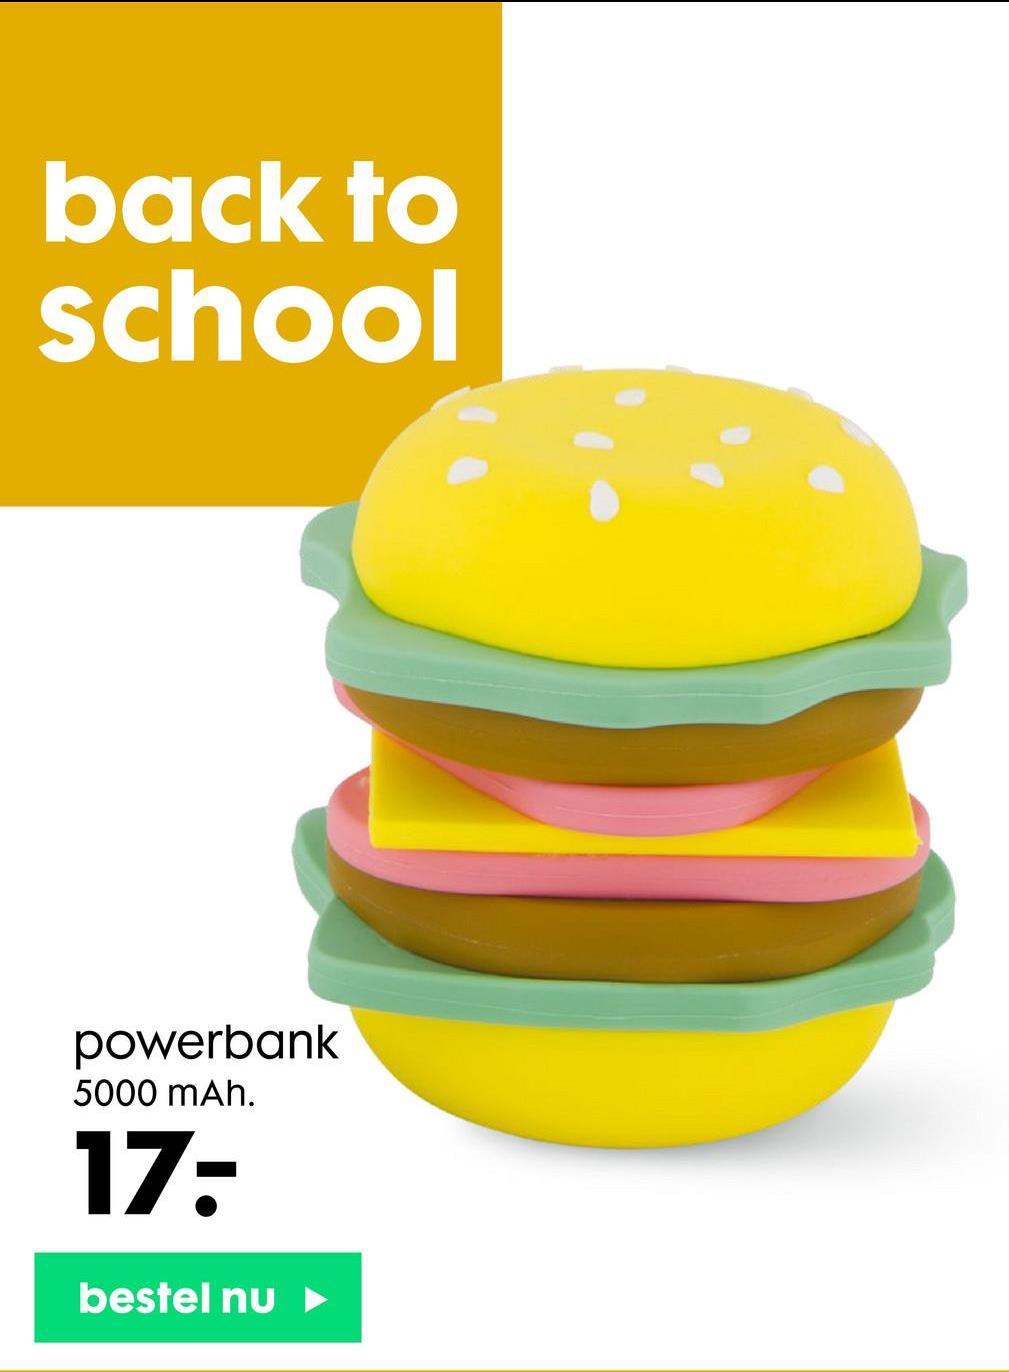 back to school powerbank 5000 mAh. 17: bestel nu